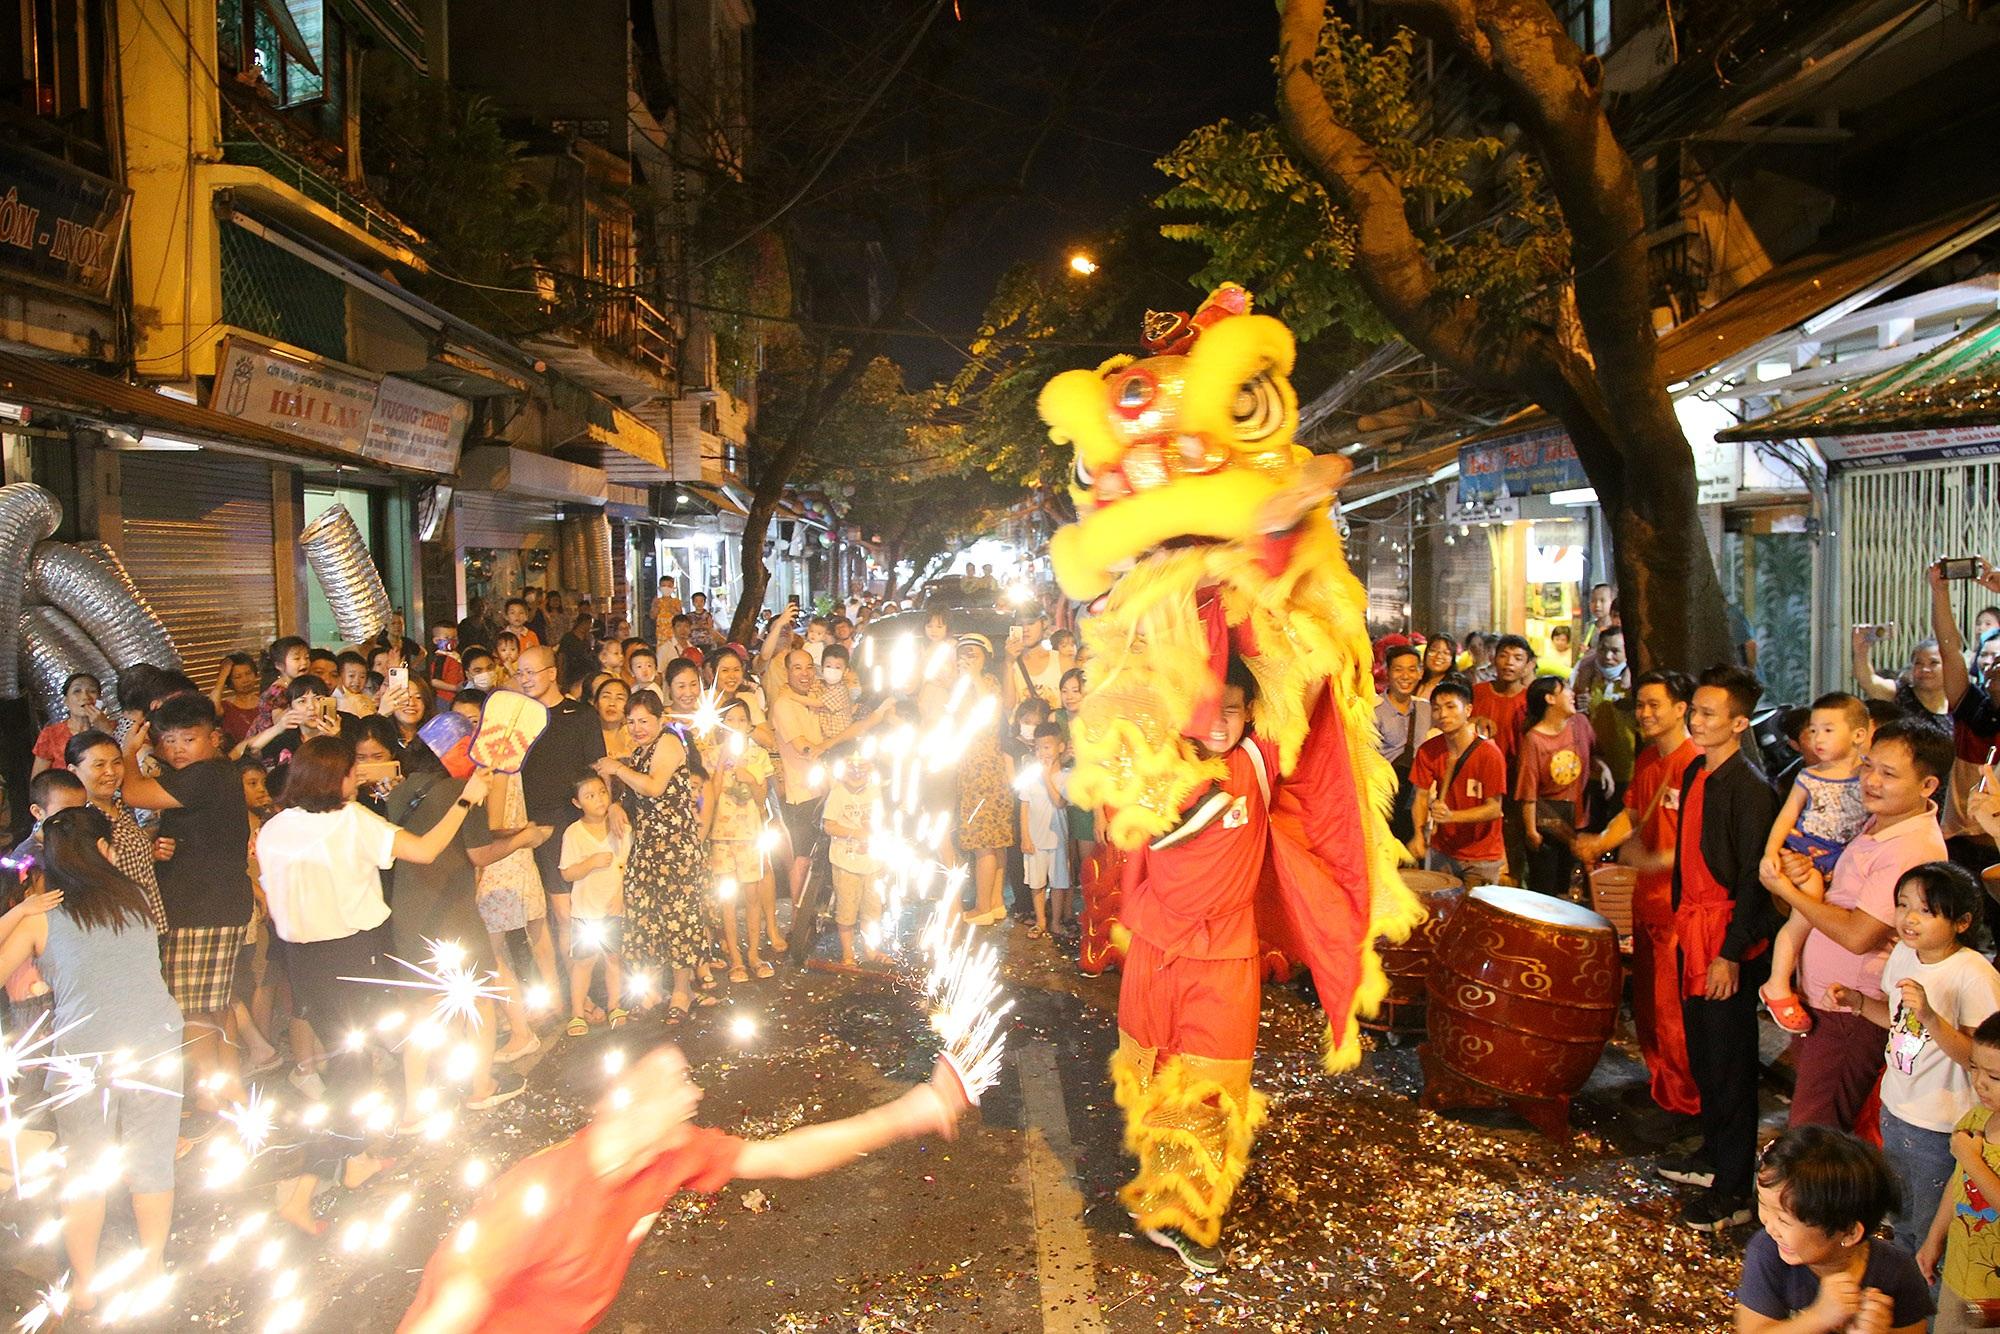 Sôi động đêm trung thu trên đường phố Hà Nội - 13